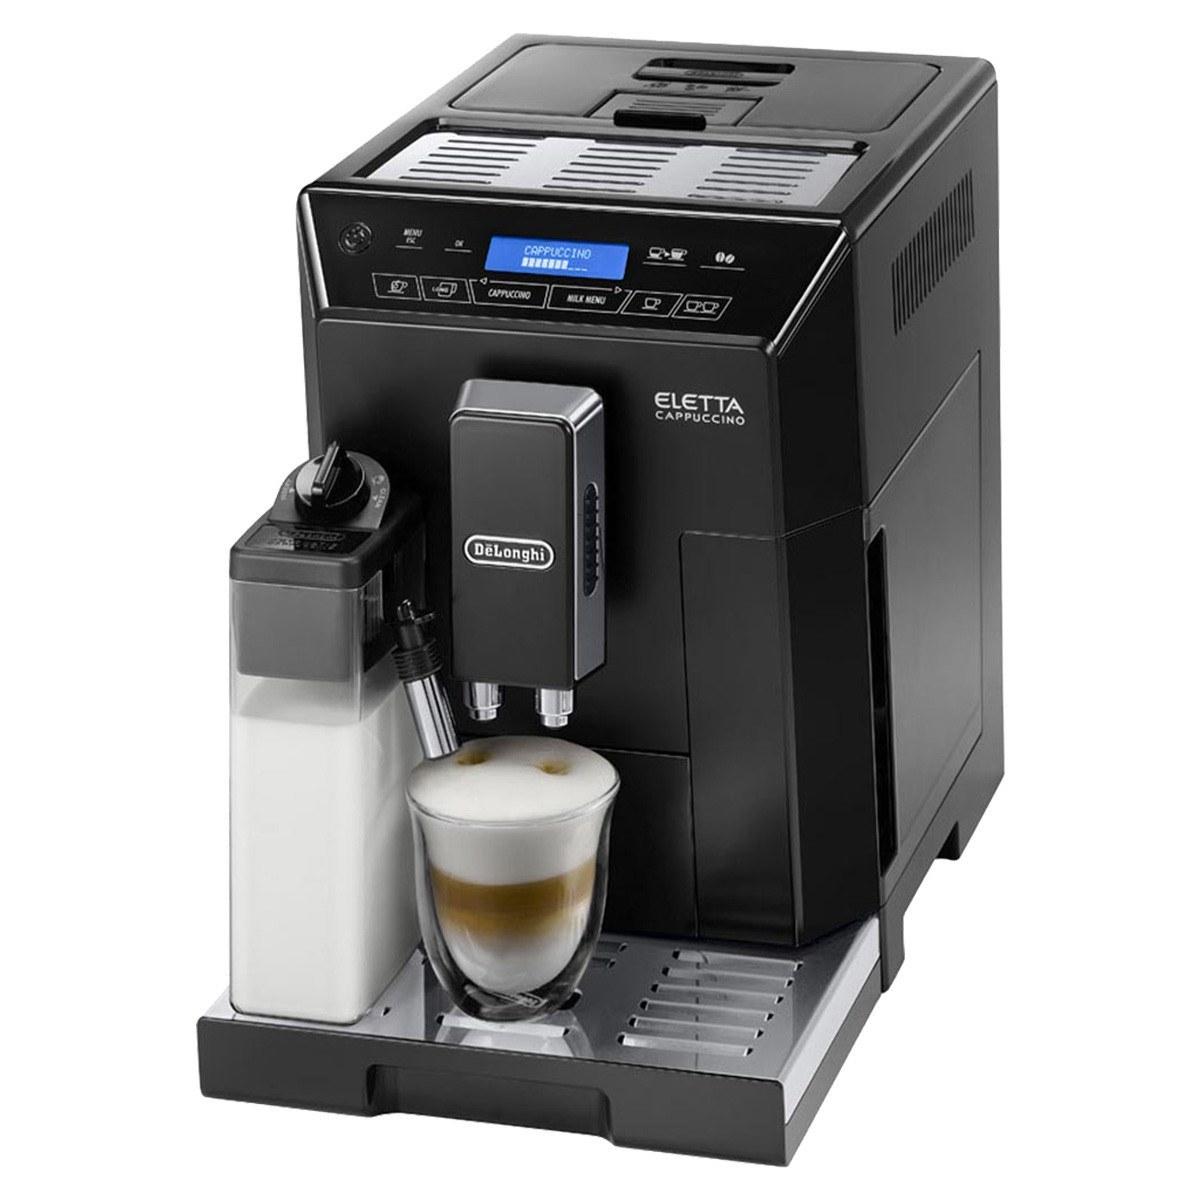 تصویر قهوه ساز مدل ECAM 44.660 Delonghi ECAM 44.660 Coffee Maker